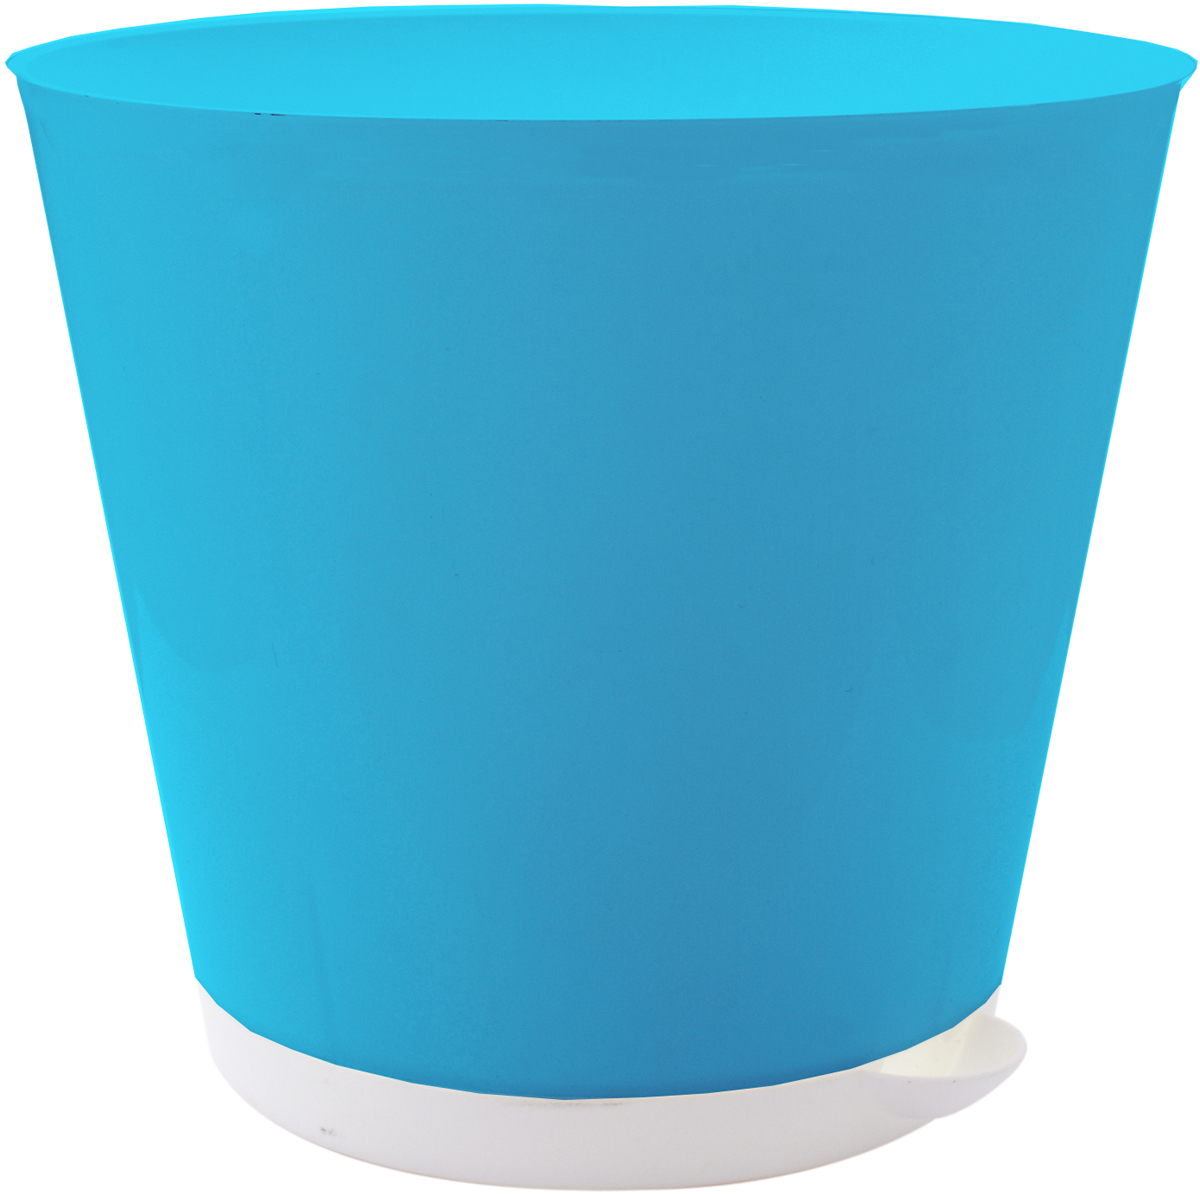 Горшок для цветов InGreen Крит, с системой прикорневого полива, цвет: светло-синий, белый, диаметр 25,4 смSS 4041Горшок InGreen Крит, выполненный из высококачественного пластика, предназначен для выращивания комнатных цветов, растений и трав. Специальная конструкция обеспечивает вентиляцию в корневой системе растения, а дренажные отверстия позволяют выходить лишней влаге из почвы. Крепежные отверстия и штыри прочно крепят подставку к горшку. Прикорневой полив растения осуществляется через удобный носик. Система прикорневого полива позволяет оставлять комнатное растение без внимания тем, кто часто находится в командировках или собирается в отпуск и не имеет возможности вовремя поливать цветы.Такой горшок порадует вас современным дизайном и функциональностью, а также оригинально украсит интерьер любого помещения. Объем: 7 л.Диаметр горшка (по верхнему краю): 25,4 см.Высота горшка: 22,6 см.